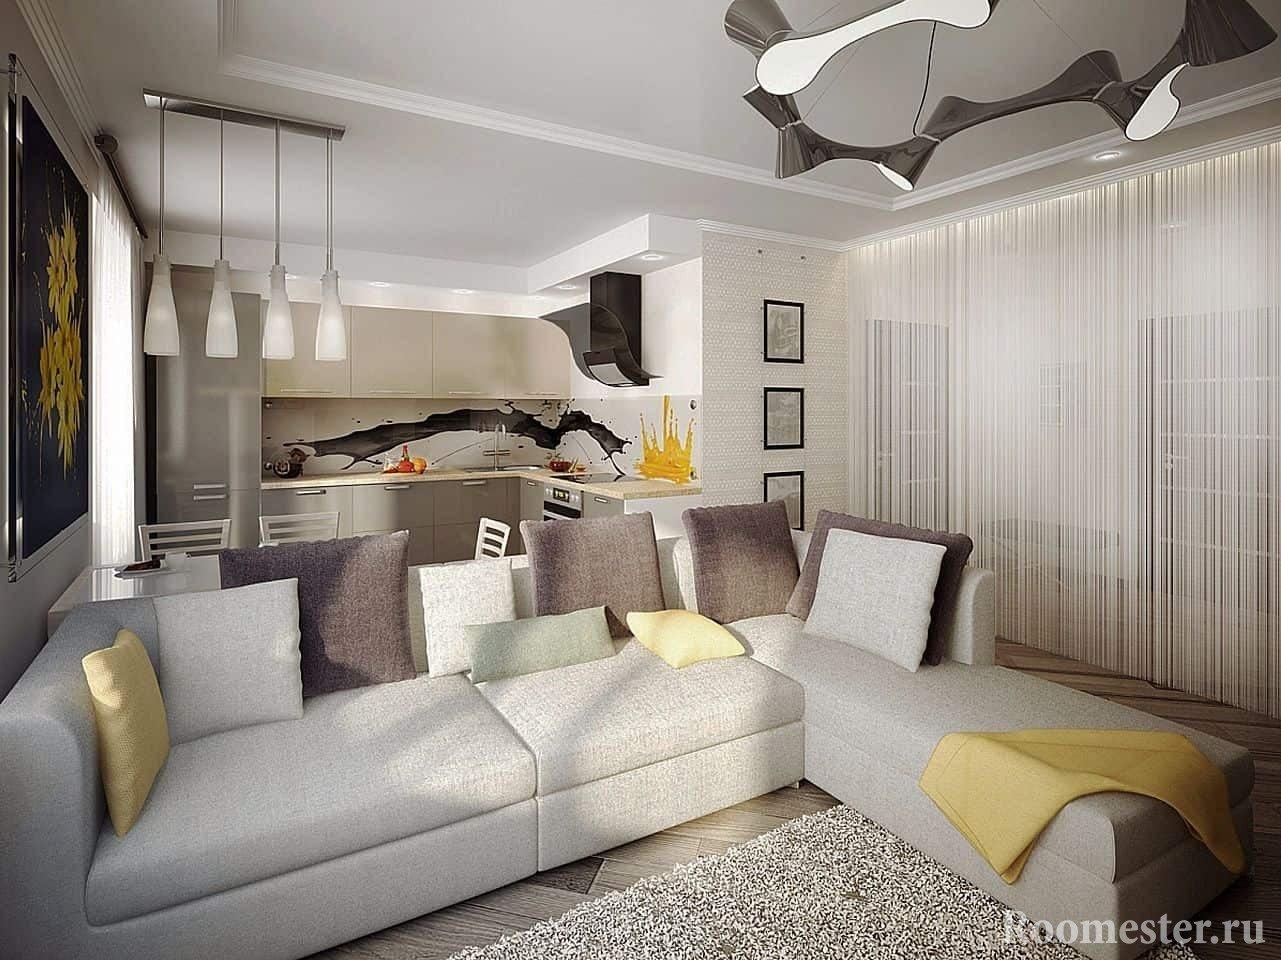 Цветовые решения в дизайне кухни совмещенной с залом